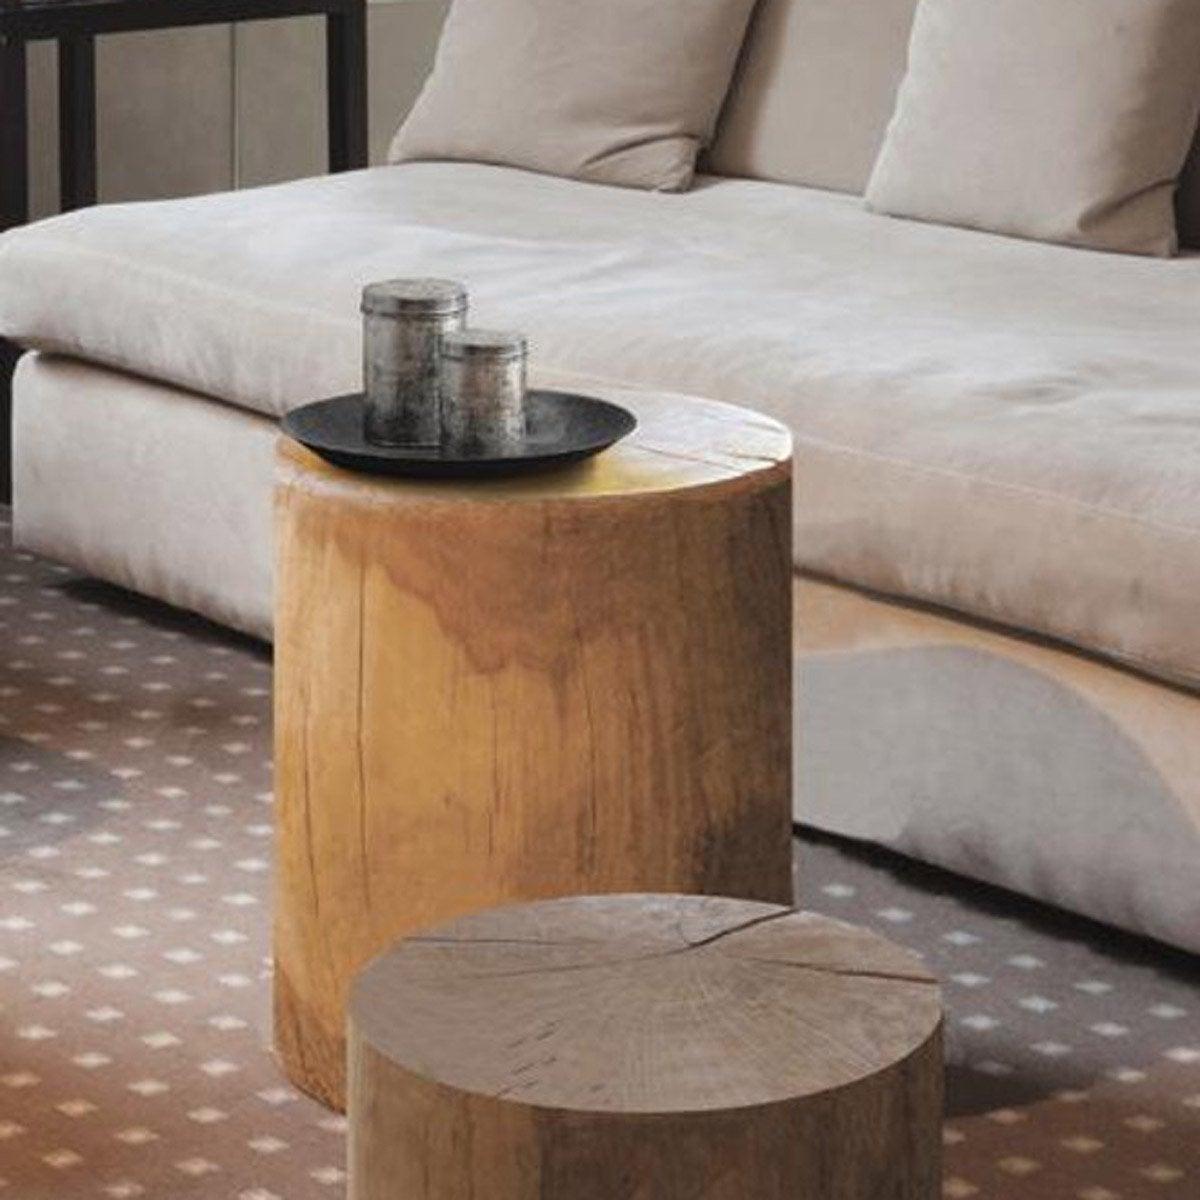 Rondin De Bois Table De Chevet rondin non traité sapin, 30 x 40 x 45 cm